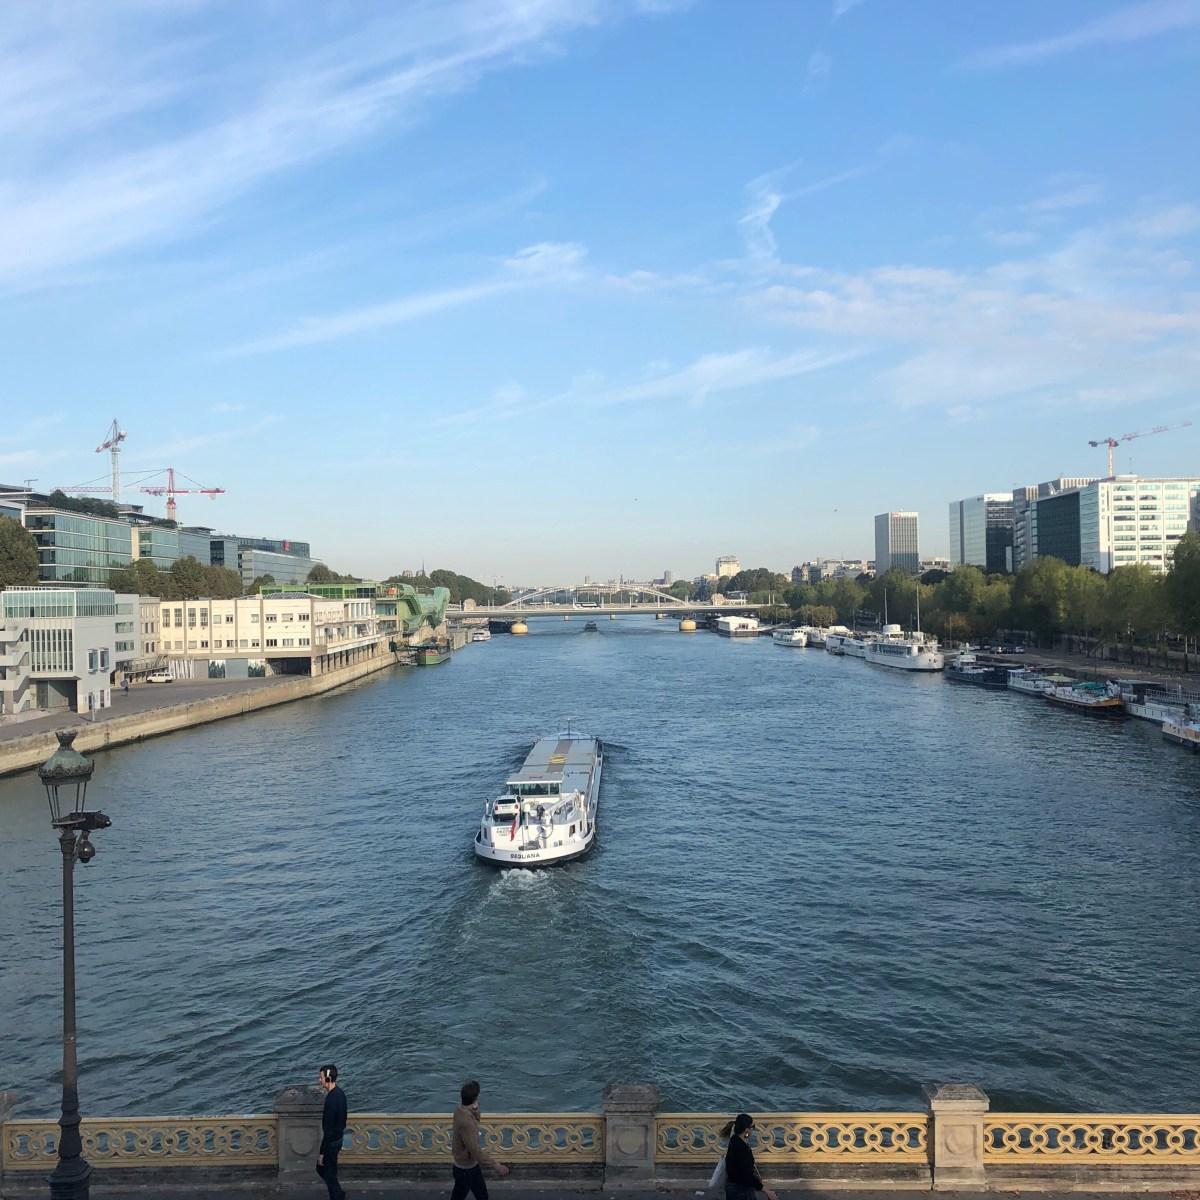 Vue du pont de Bercy, une péniche sur la Seine, un ciel bleu parsemé de nuages.